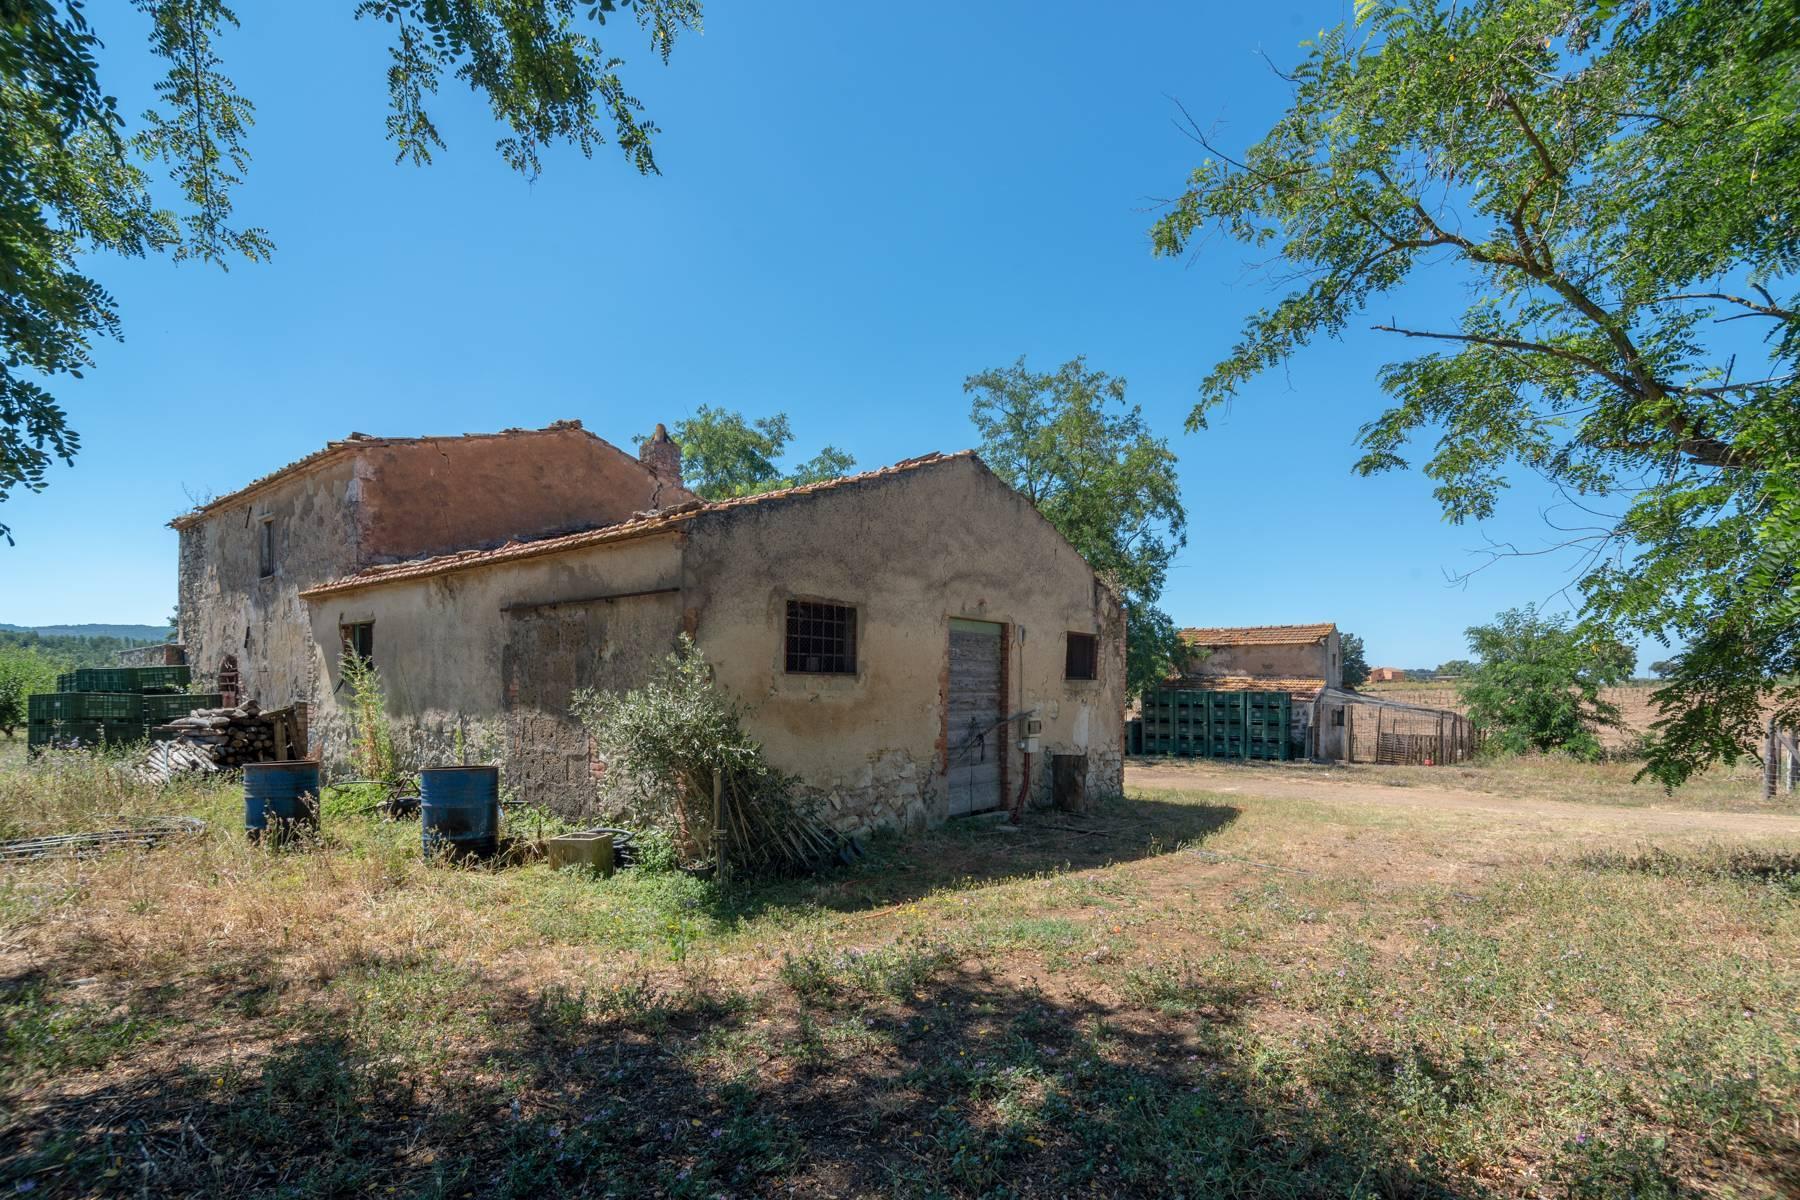 Wunderschönes Anwesen im Grünen, nur einen Steinwurf von Manciano entfernt - 24